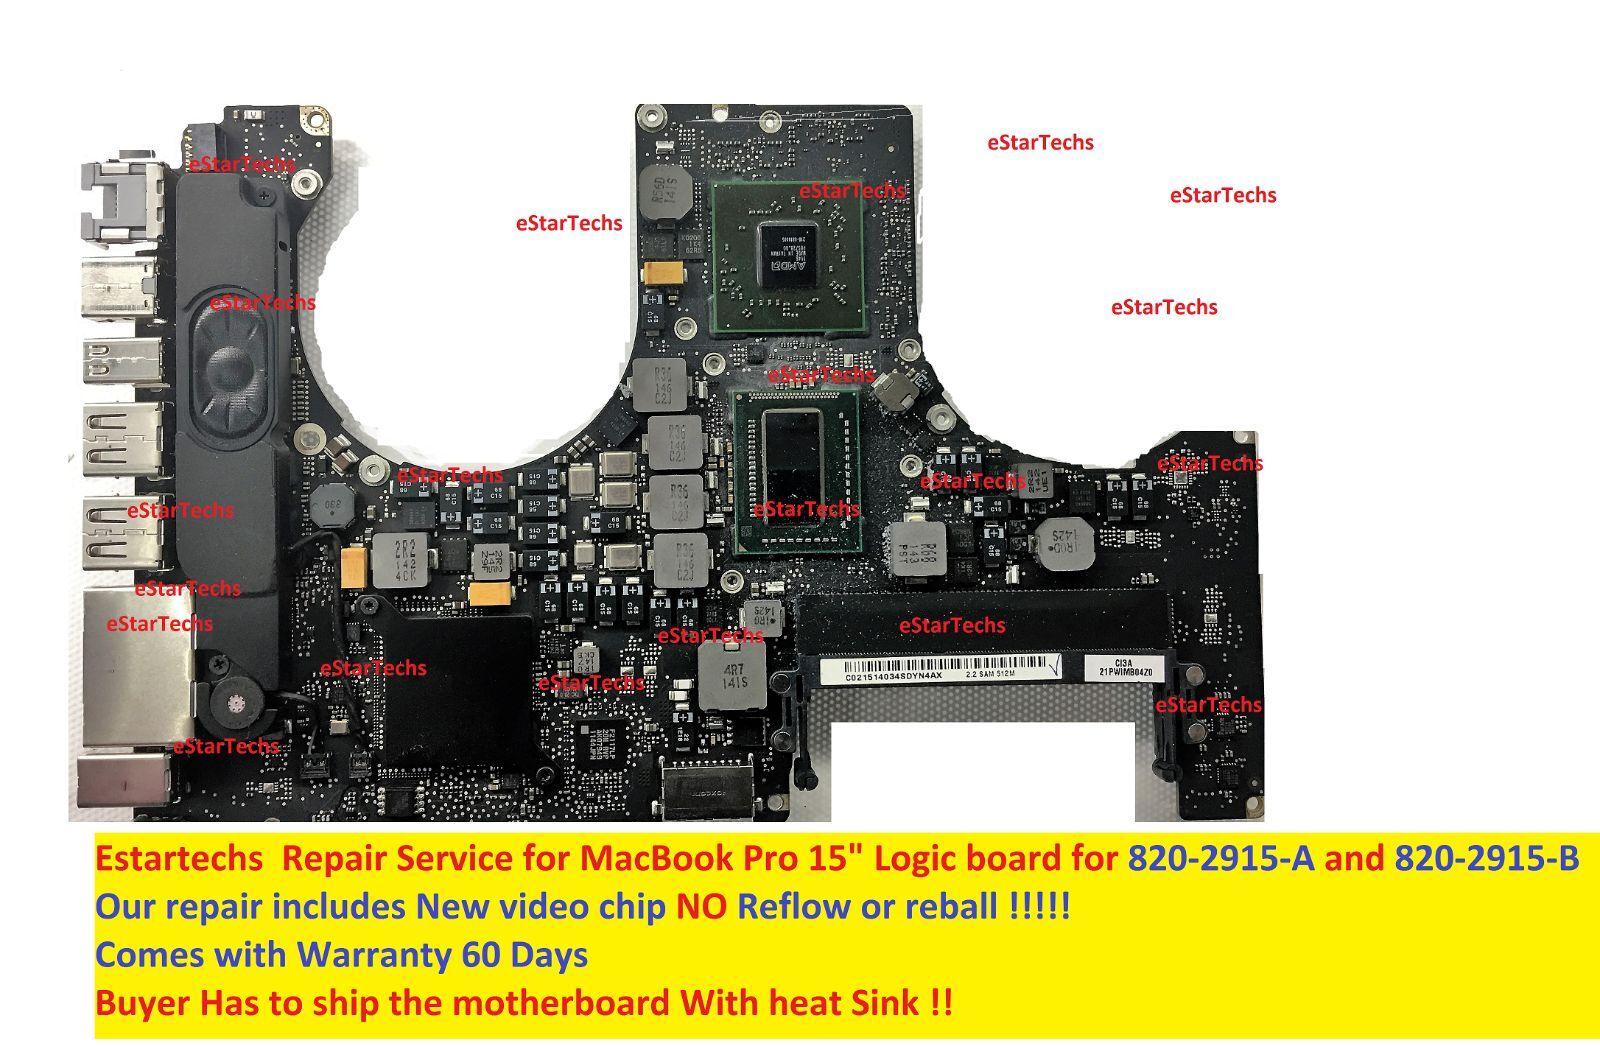 """Macbook Pro 15"""" 820-2915-A / 820-2915-B Logic board Video chip Repair Service!!!"""